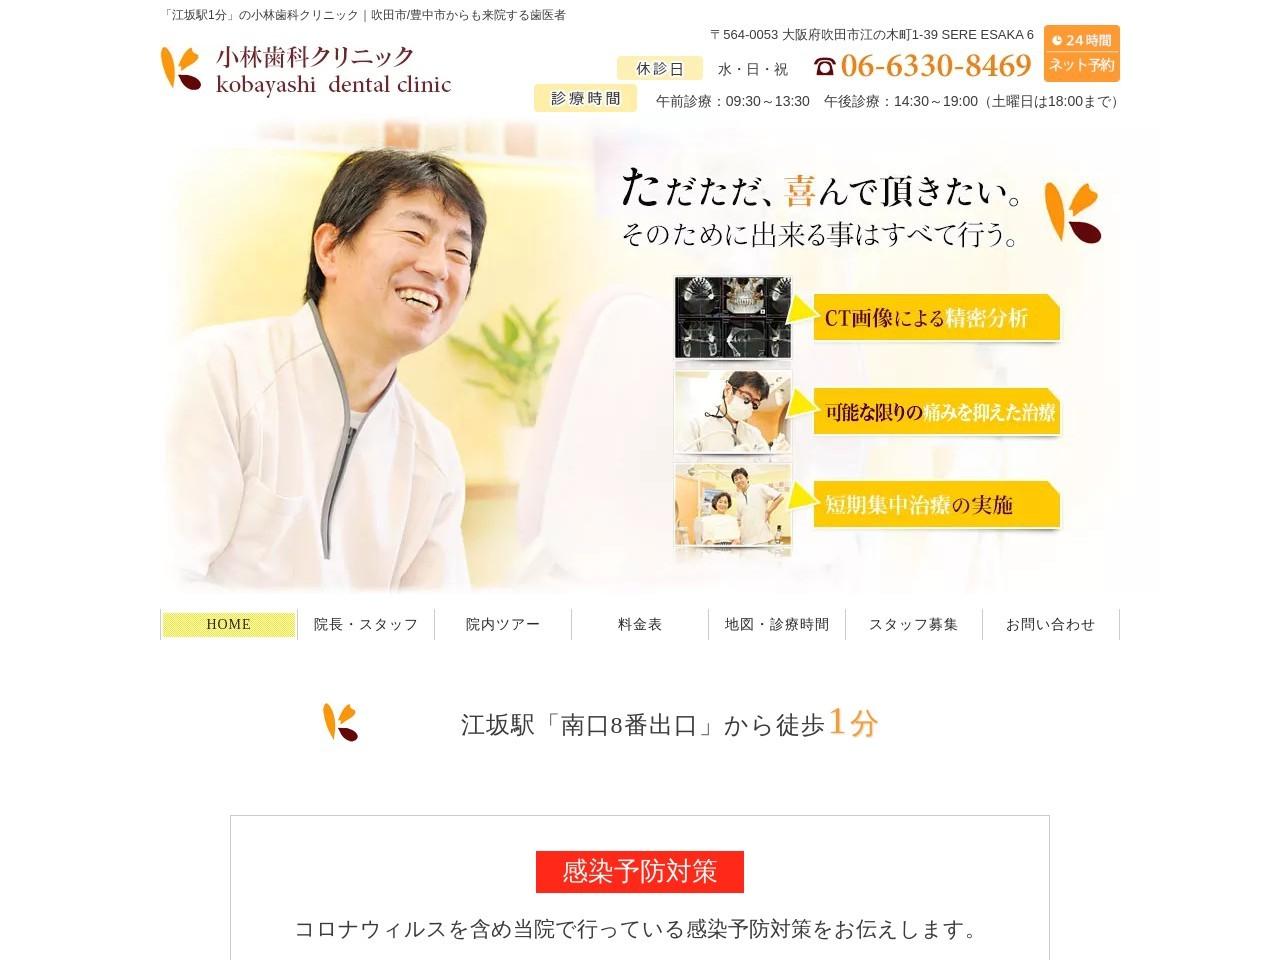 小林歯科クリニック (大阪府吹田市)